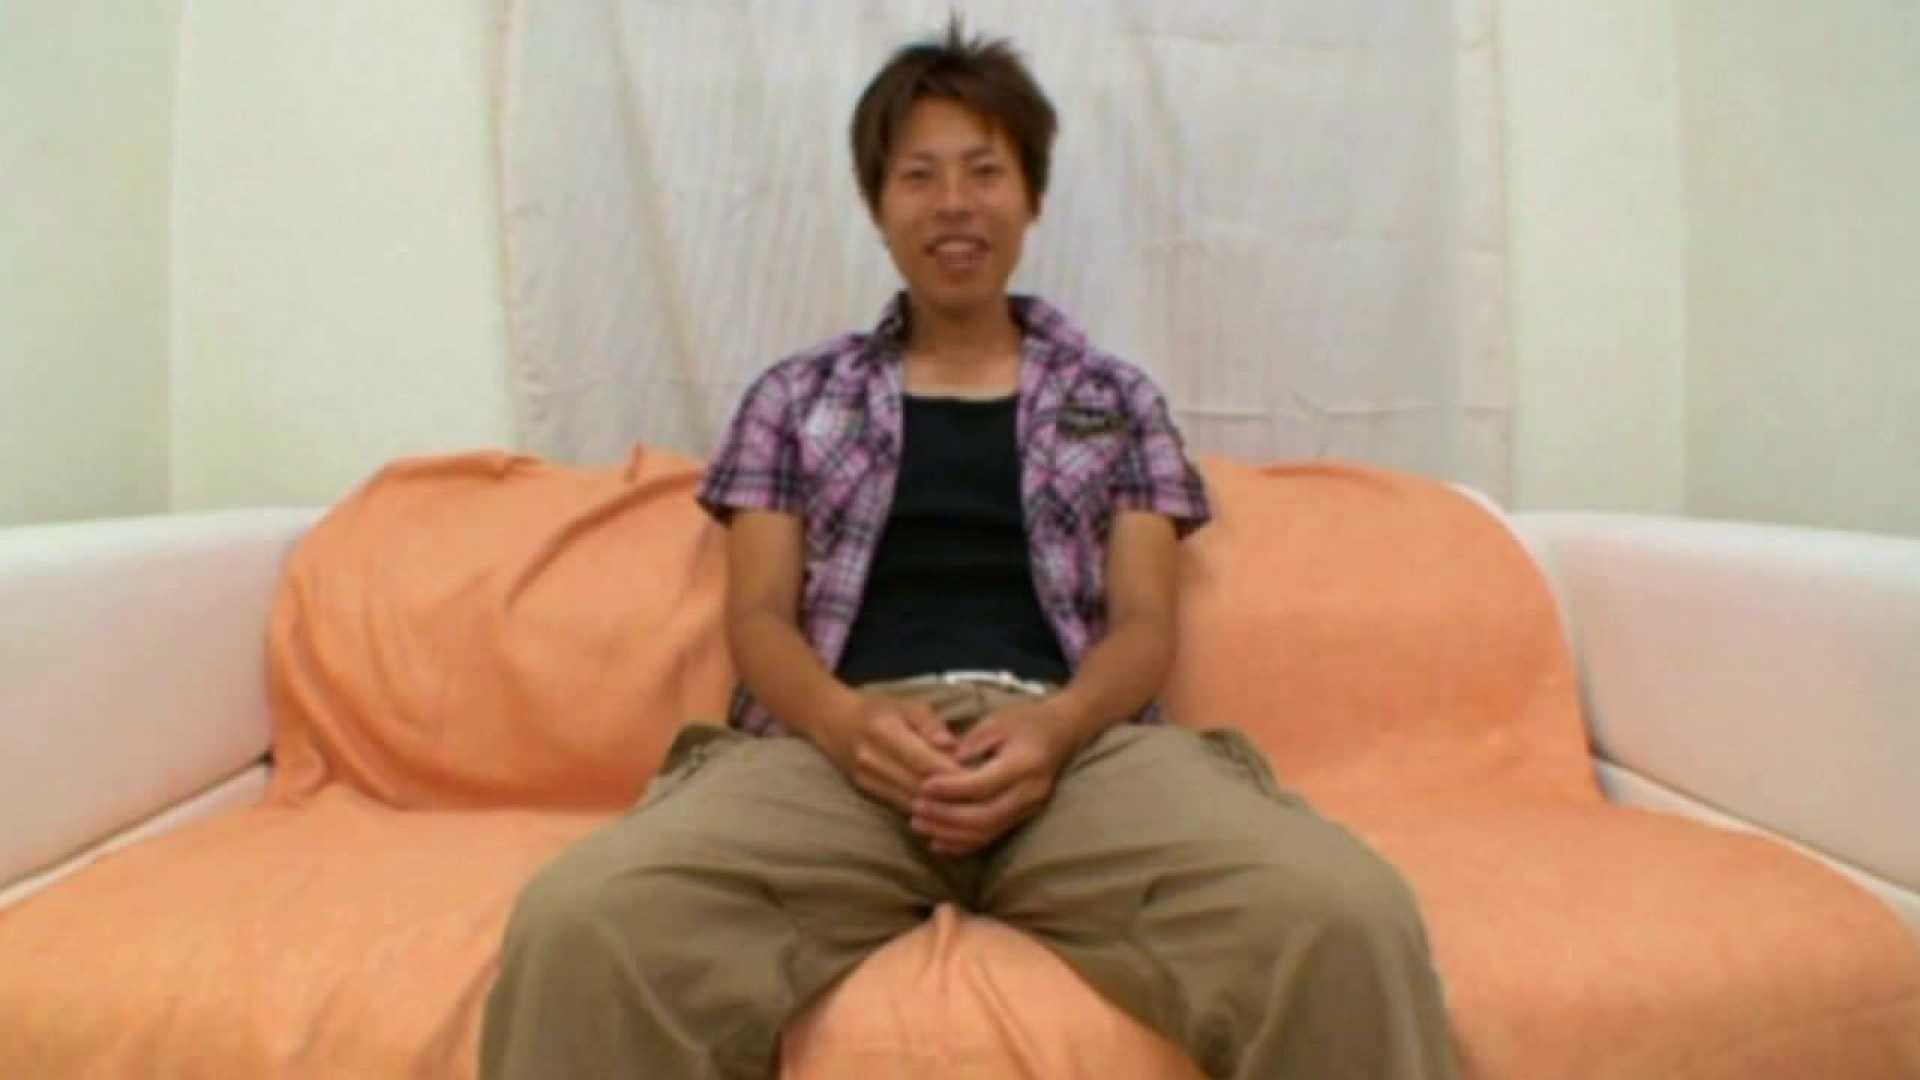 無修正セックス盗撮:ノンケ!自慰スタジオ No.10:自慰